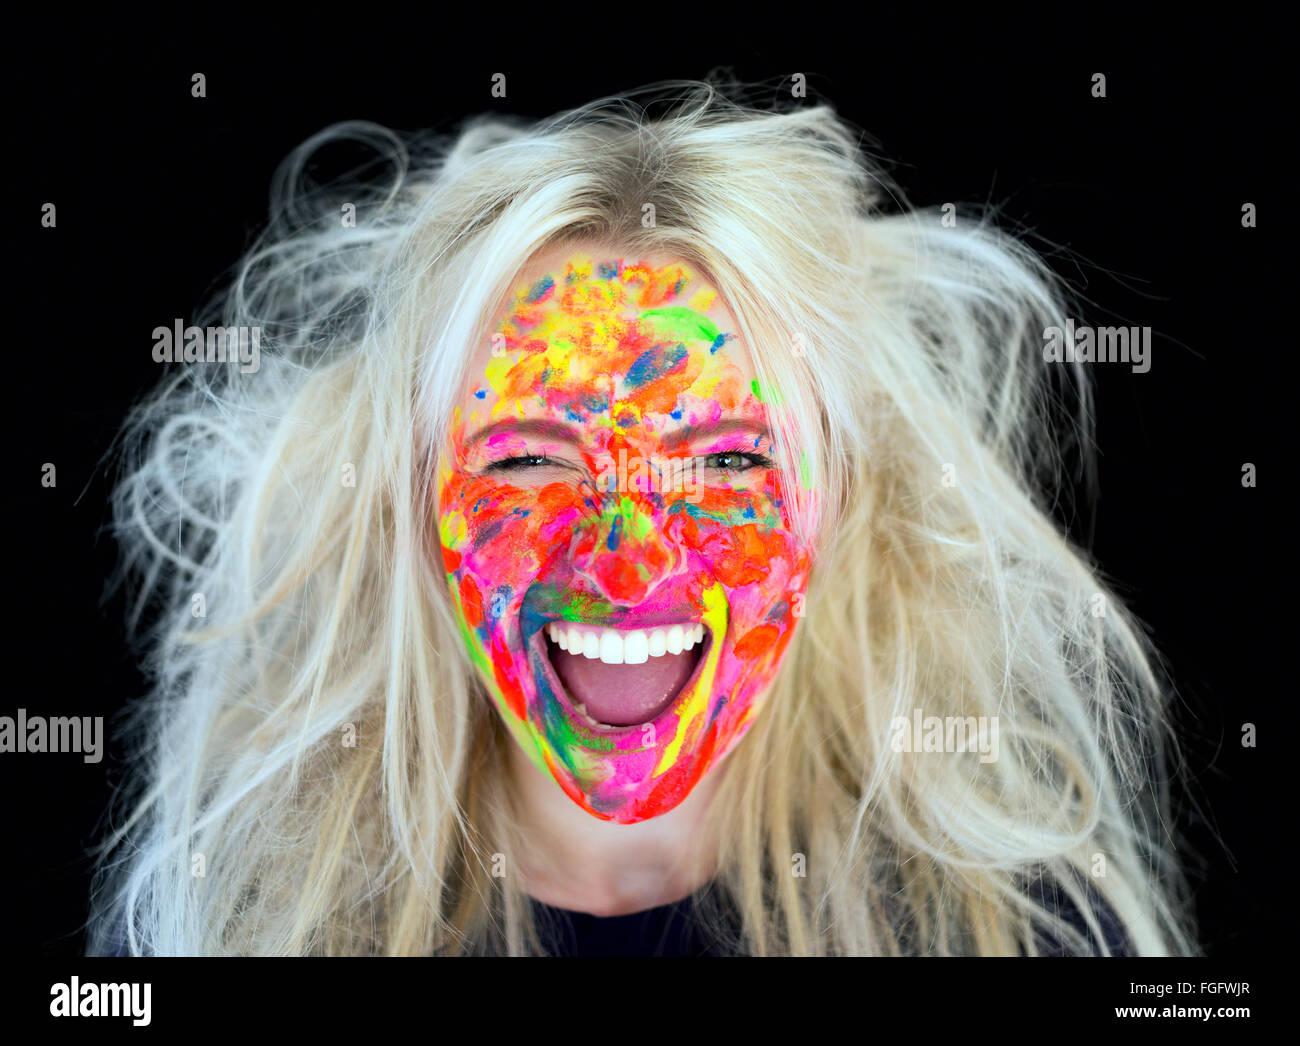 Donna con disordinati capelli biondi con la faccia coperta in multi vernice colorata di ridere Immagini Stock